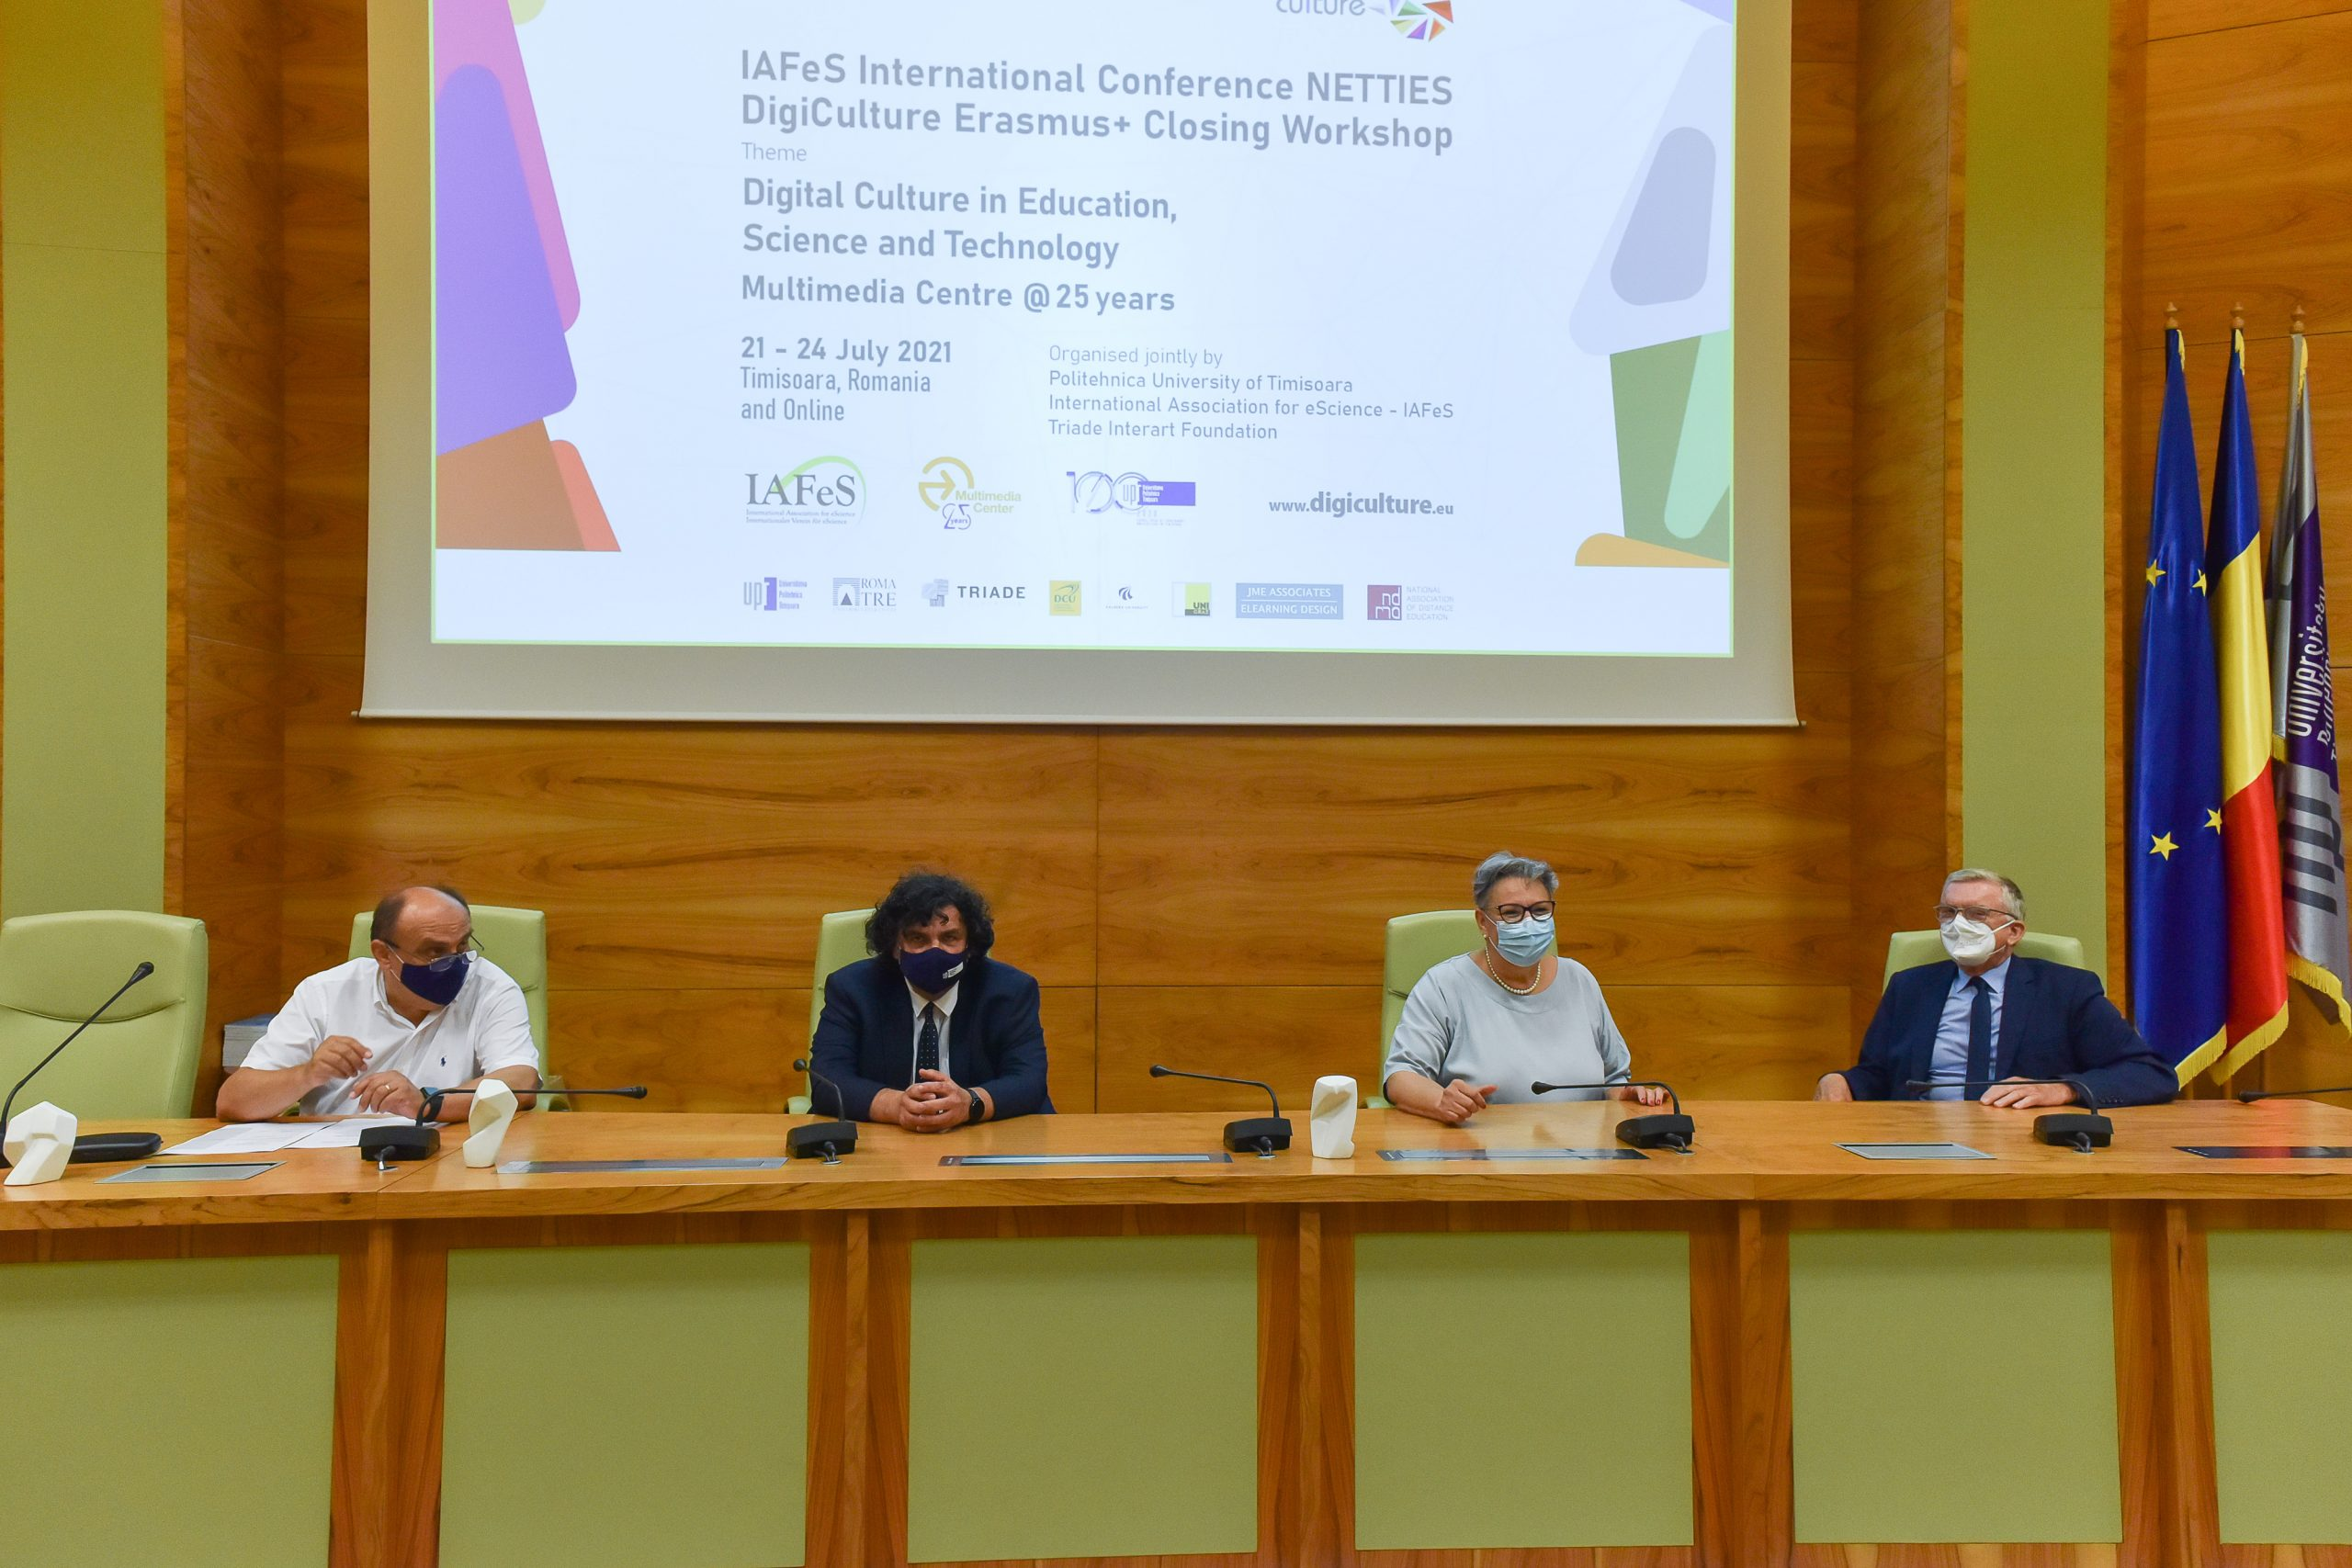 Peste 500 de participanți fizic și virtual la Conferința Internațională IAFeS NETTIES & Workshop de încheiere a DigiCulture Erasmus+